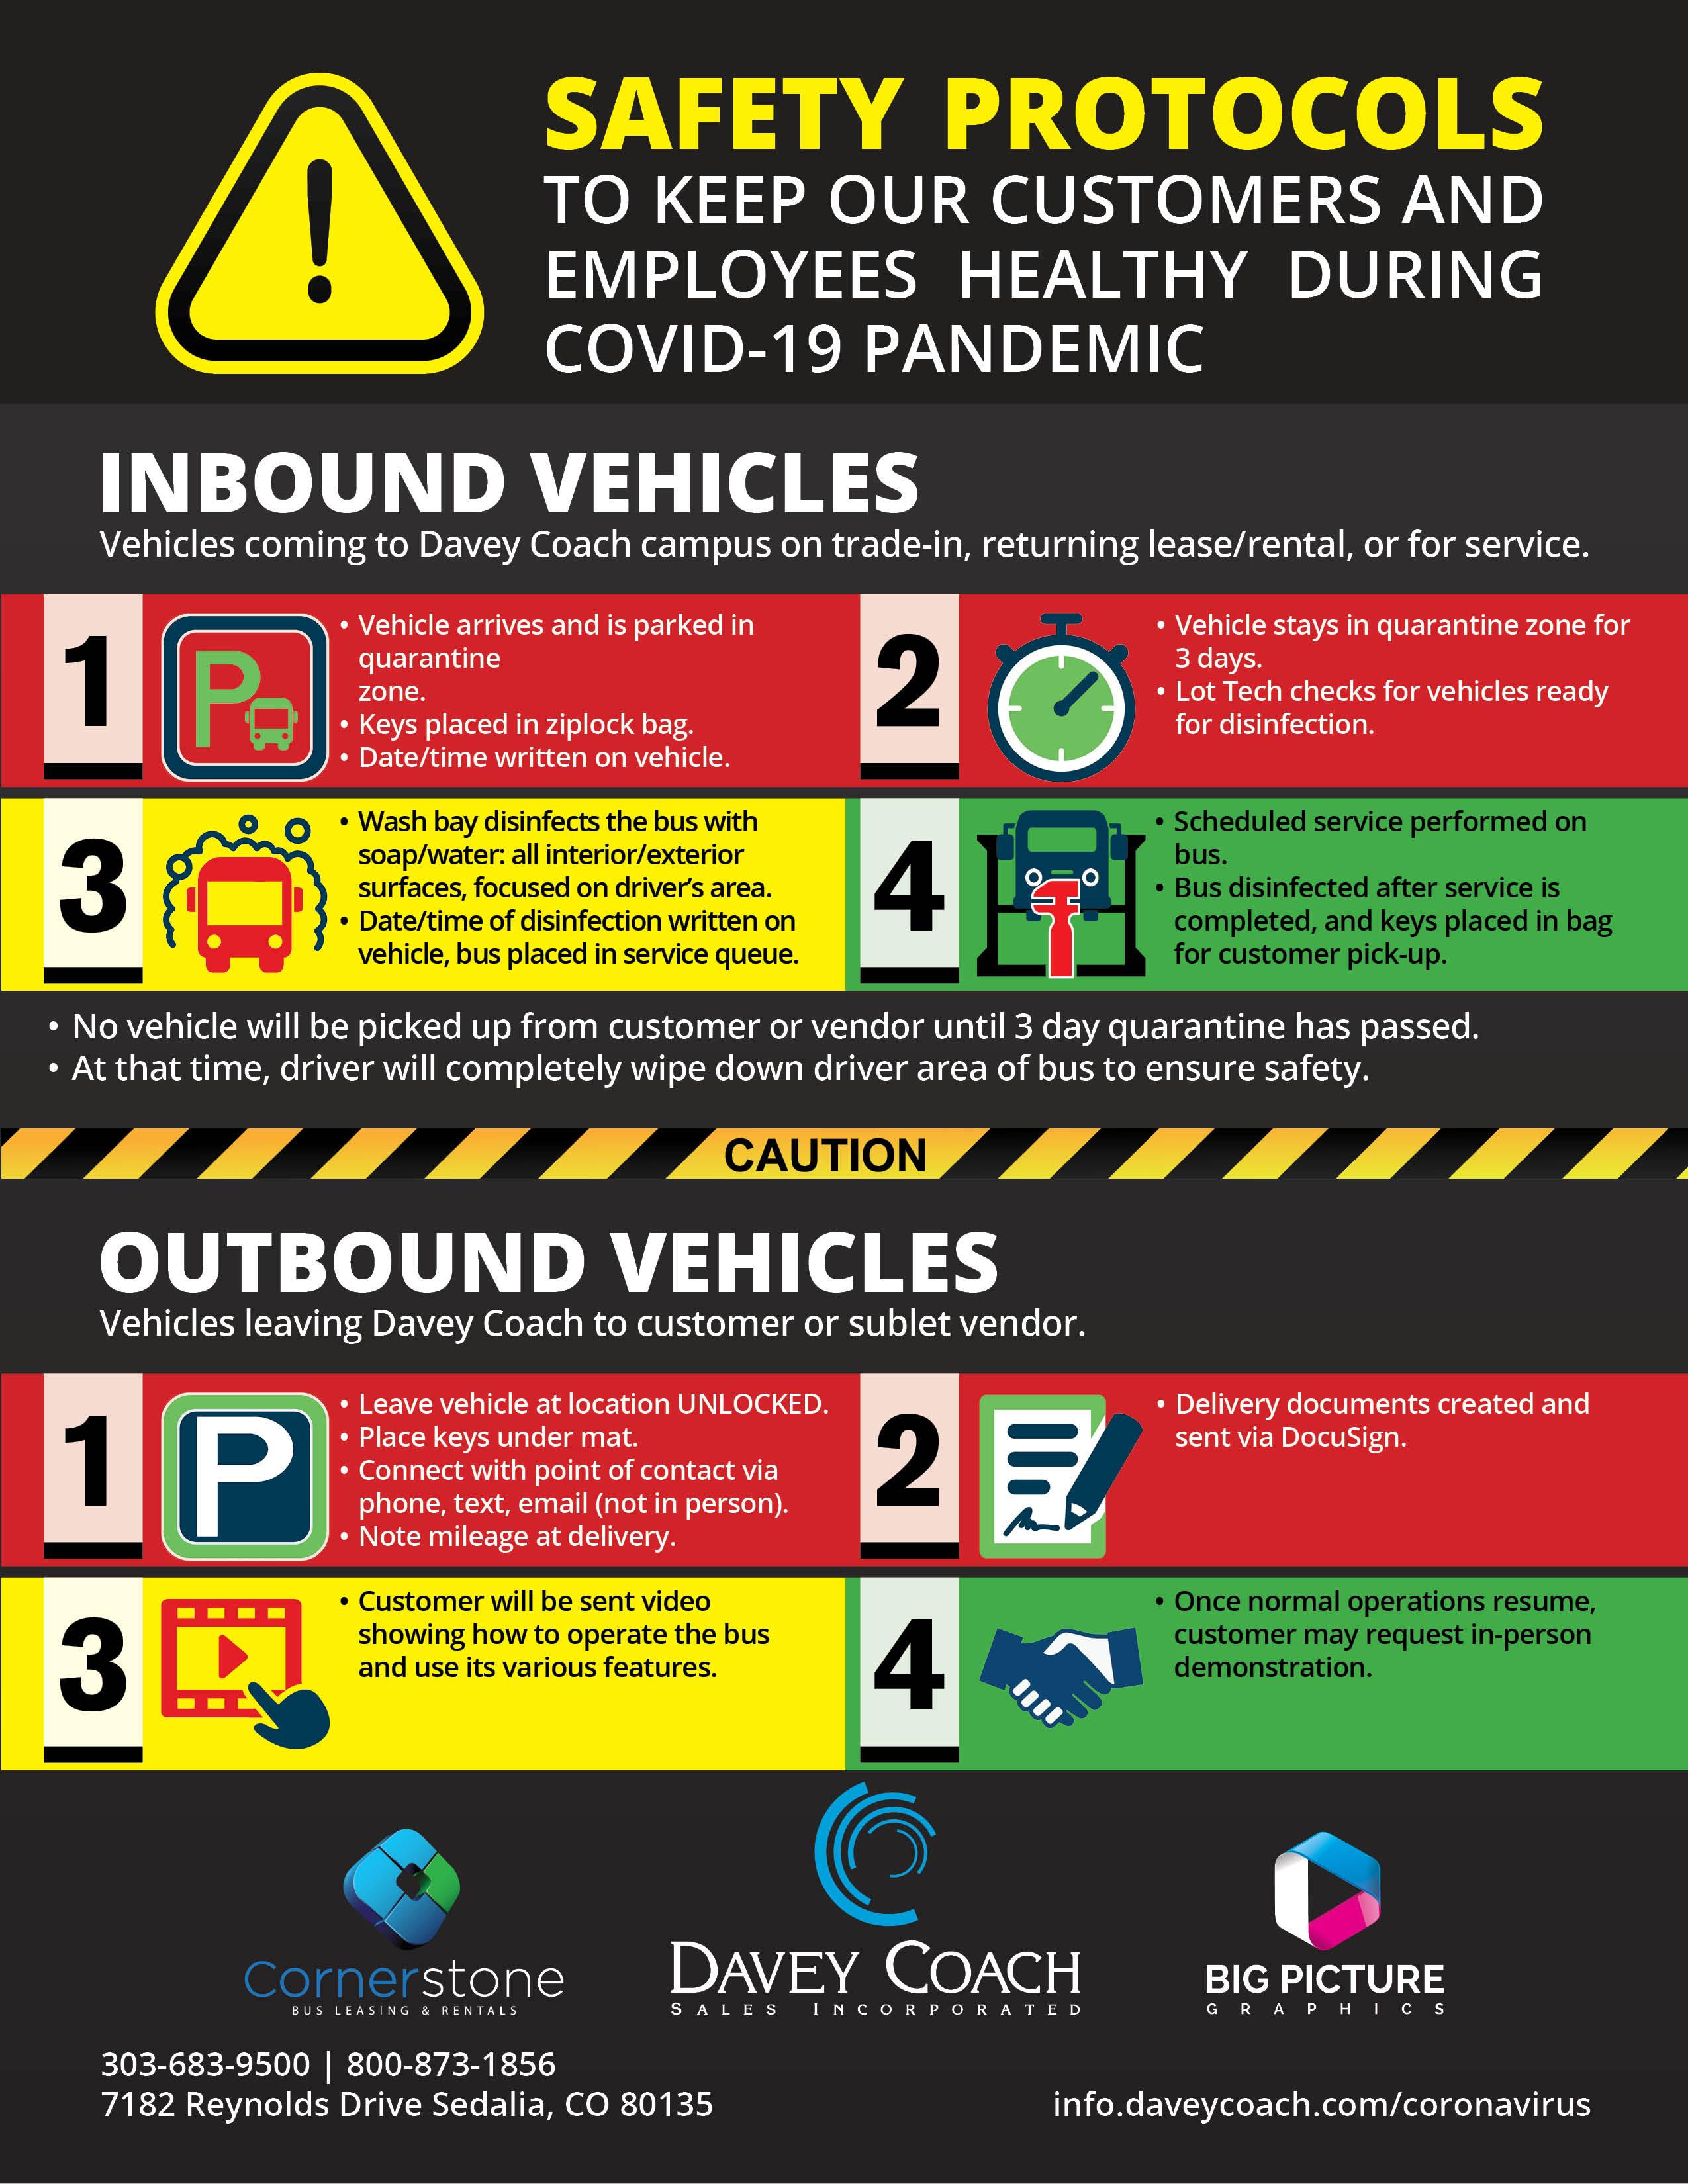 v3_Safety Protocols Infographic